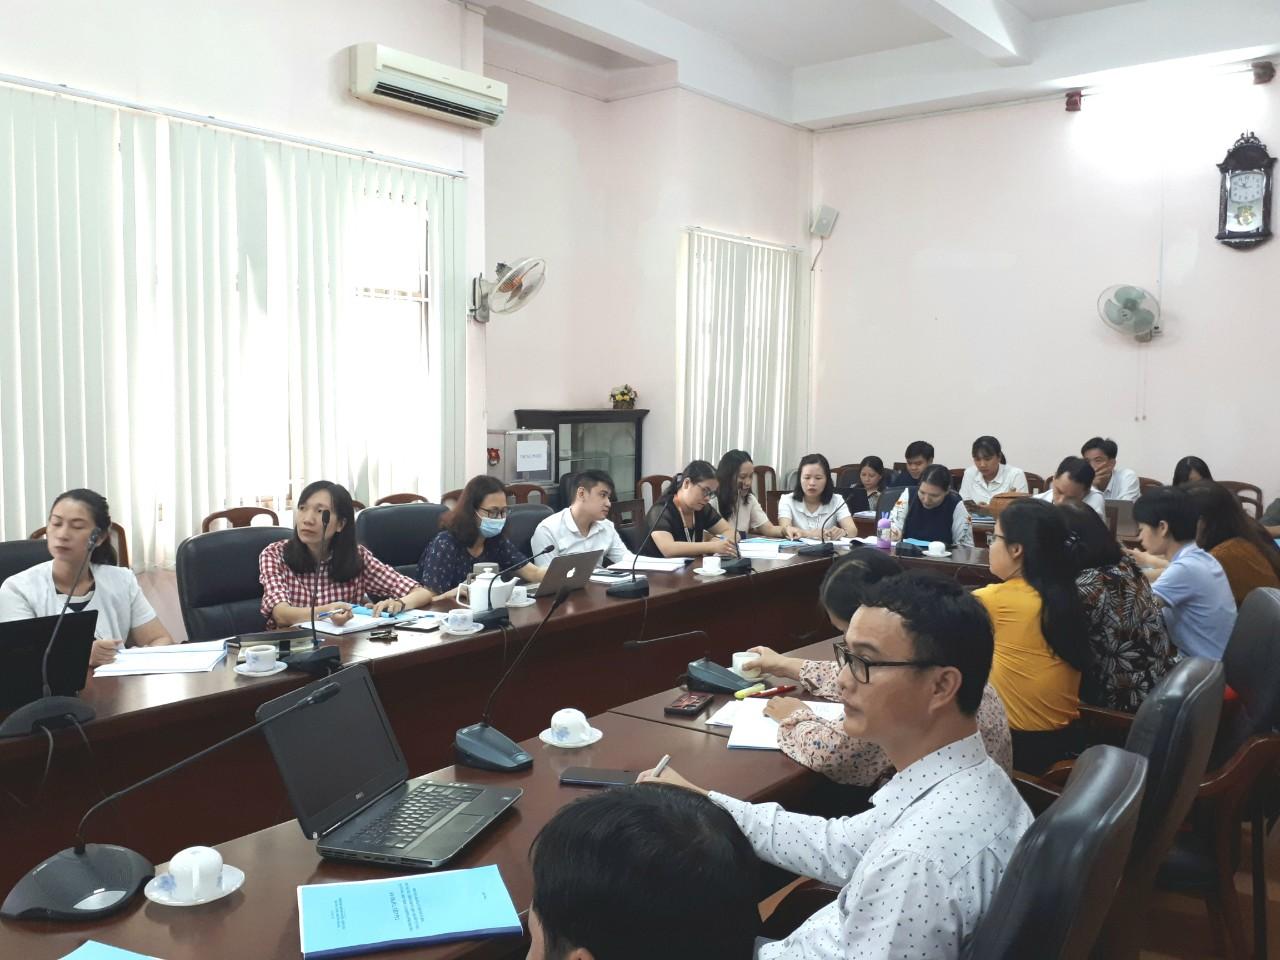 Giảng viên và viên chức Phân hiệu Trường Đại học Nội vụ Hà Nội tại Thành phố Hồ Chí Minh tham gia lớp tập huấn